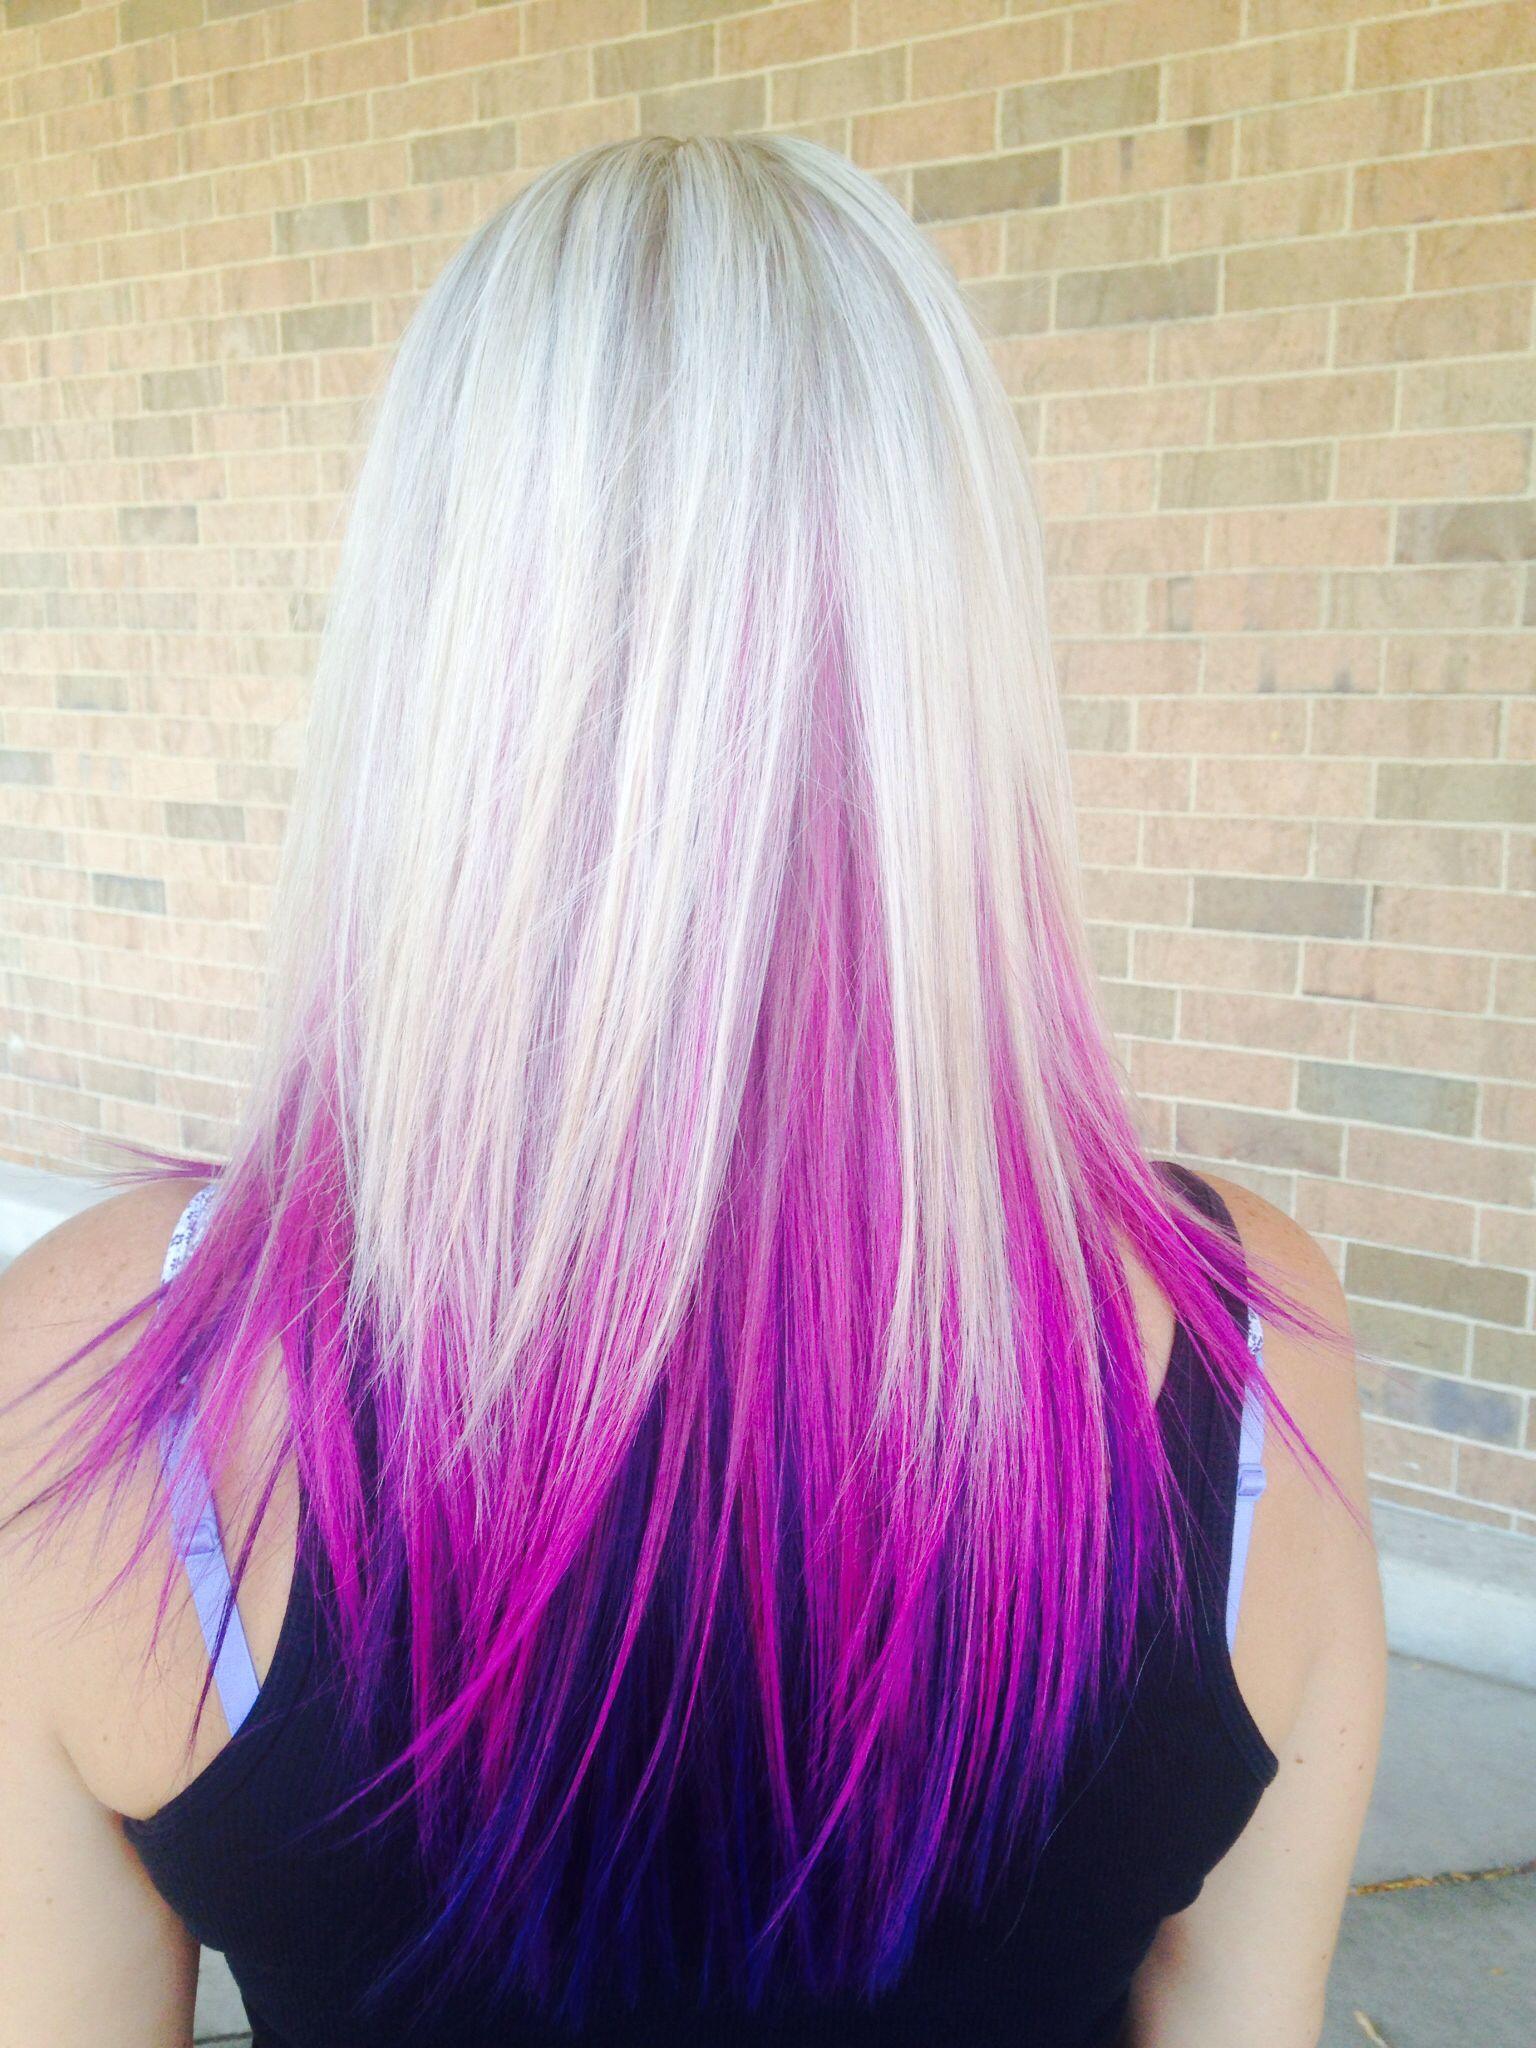 Purple Pink Under Blonde Highlight My Work My Creative